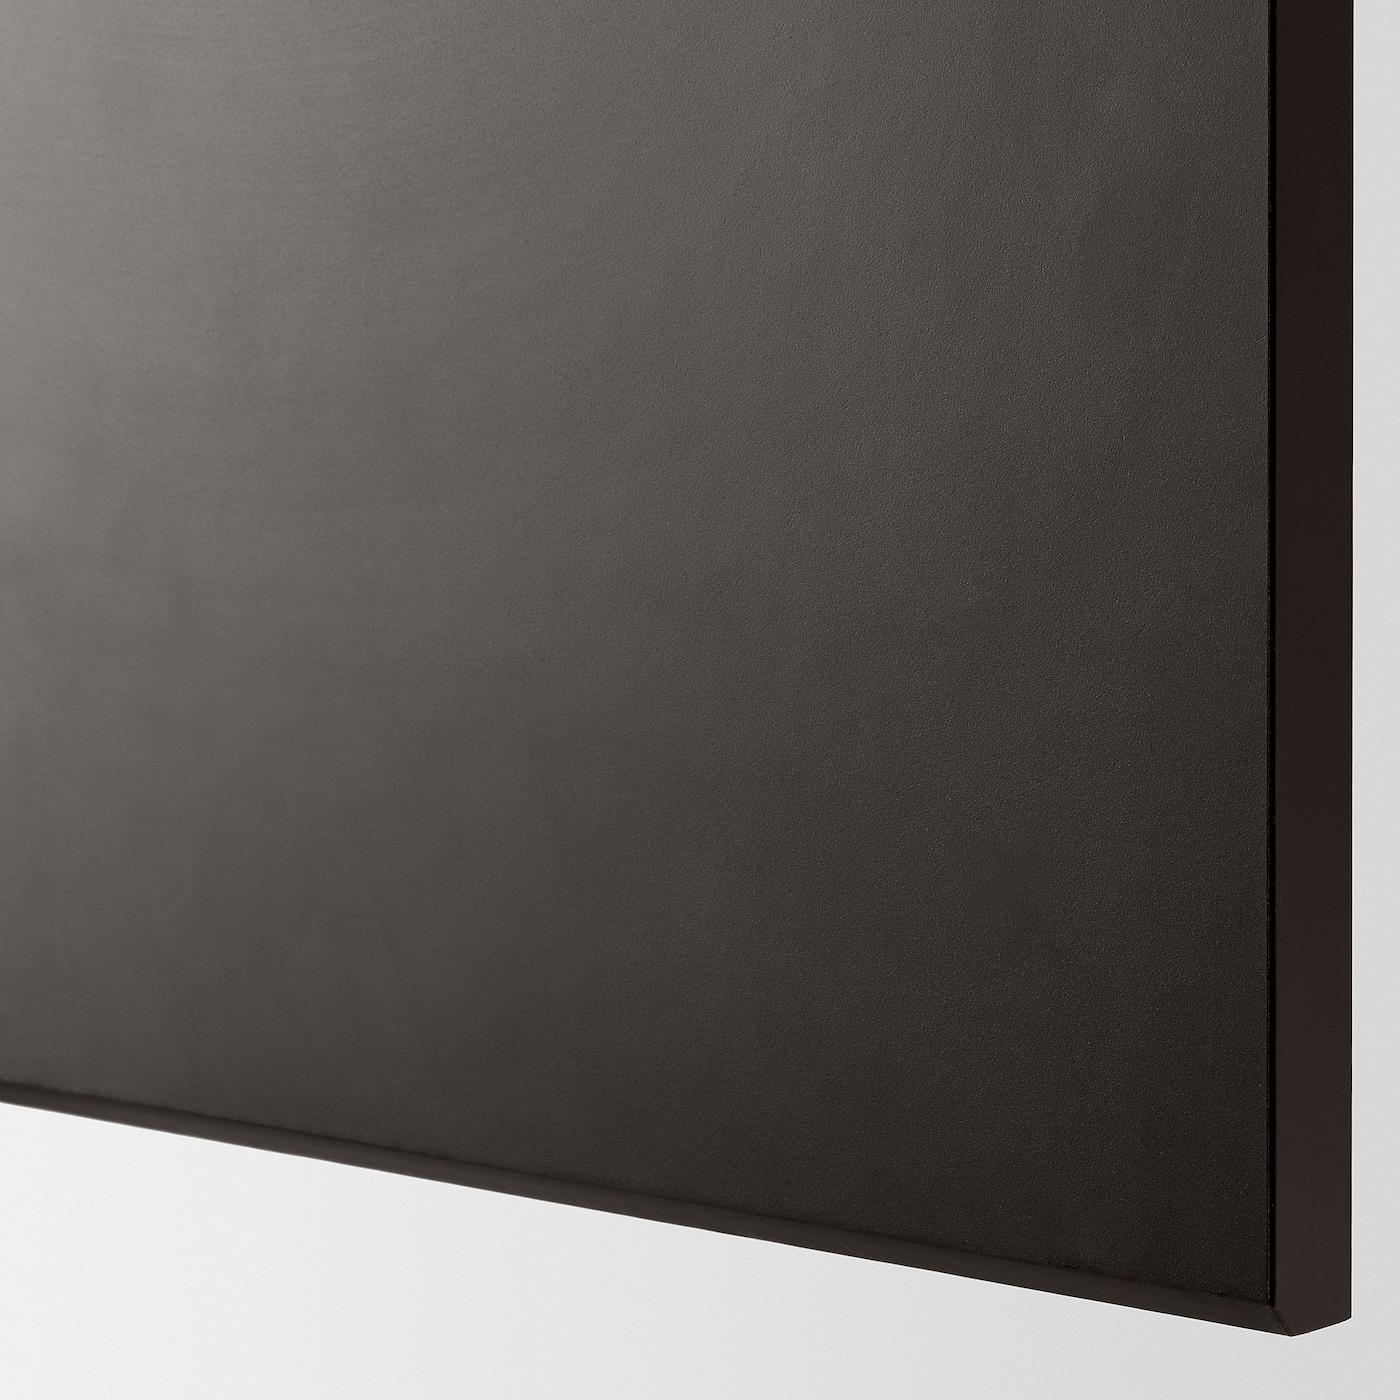 KUNGSBACKA 2-p door f corner base cabinet set, anthracite, 25x80 cm